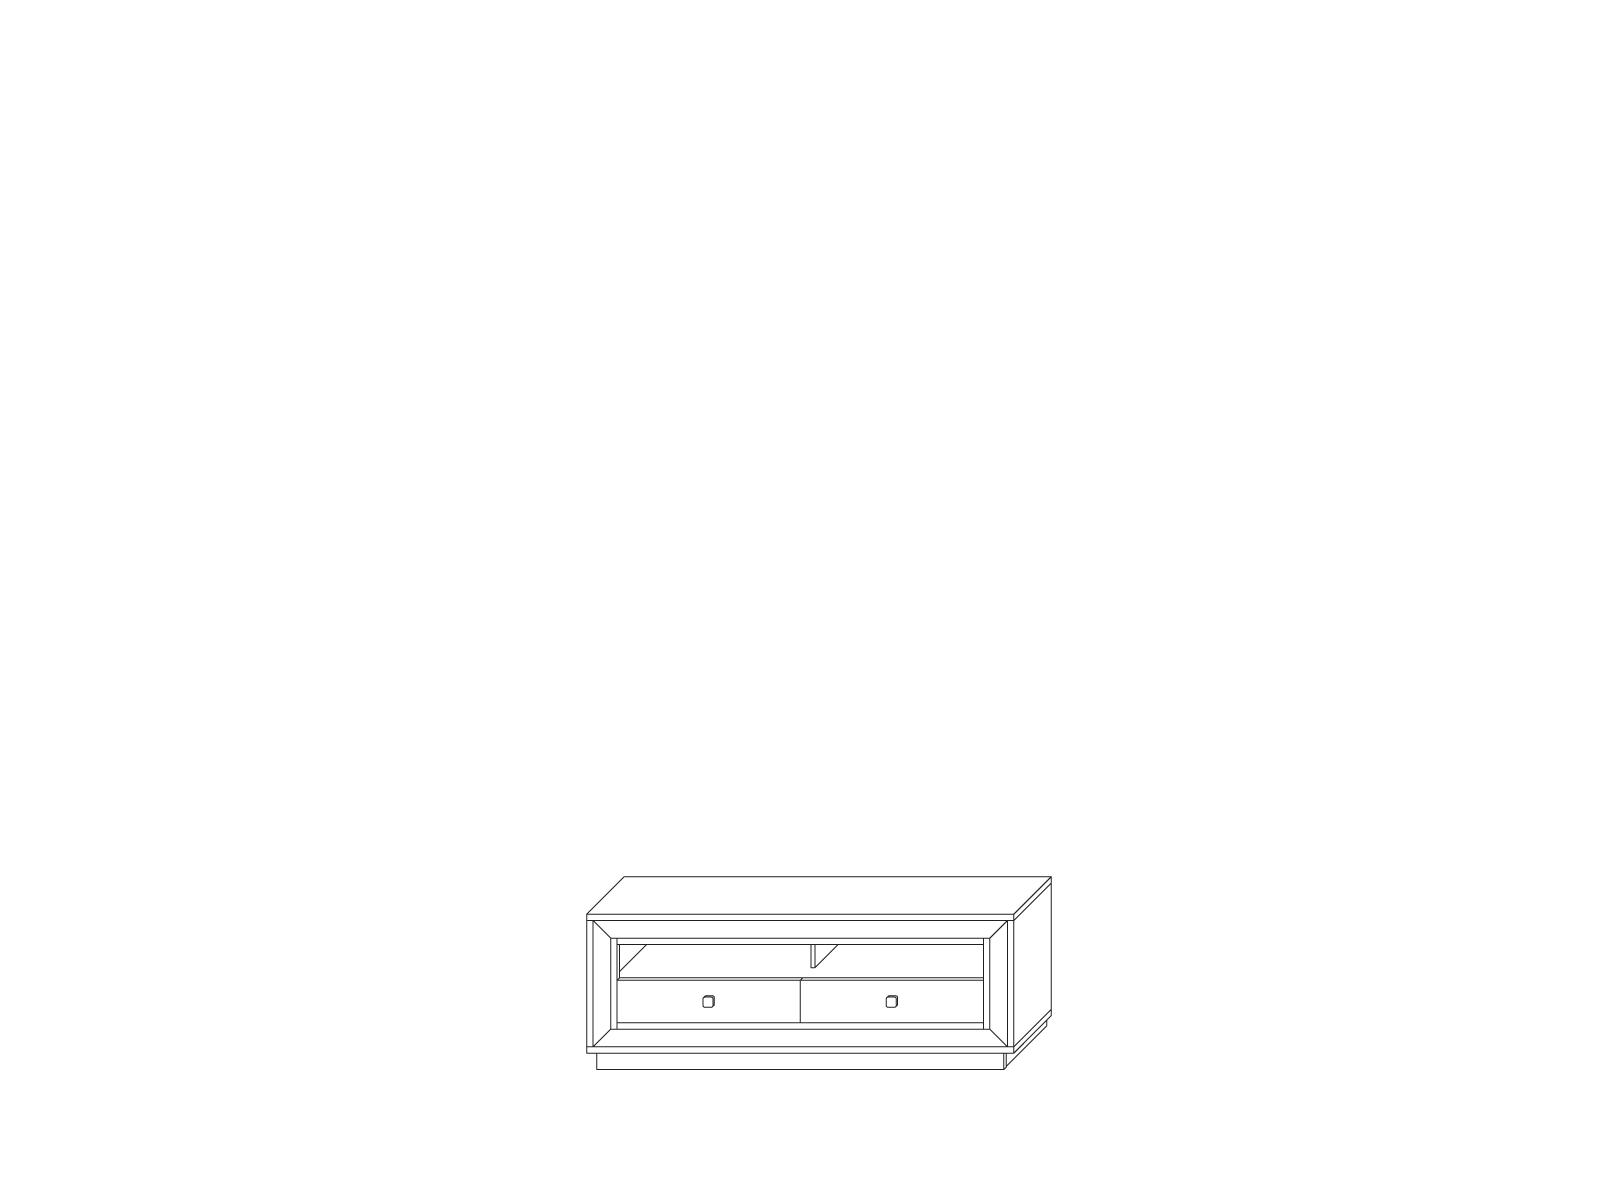 Тумба для аппаратуры 1694 низкая «Прато» Кураж